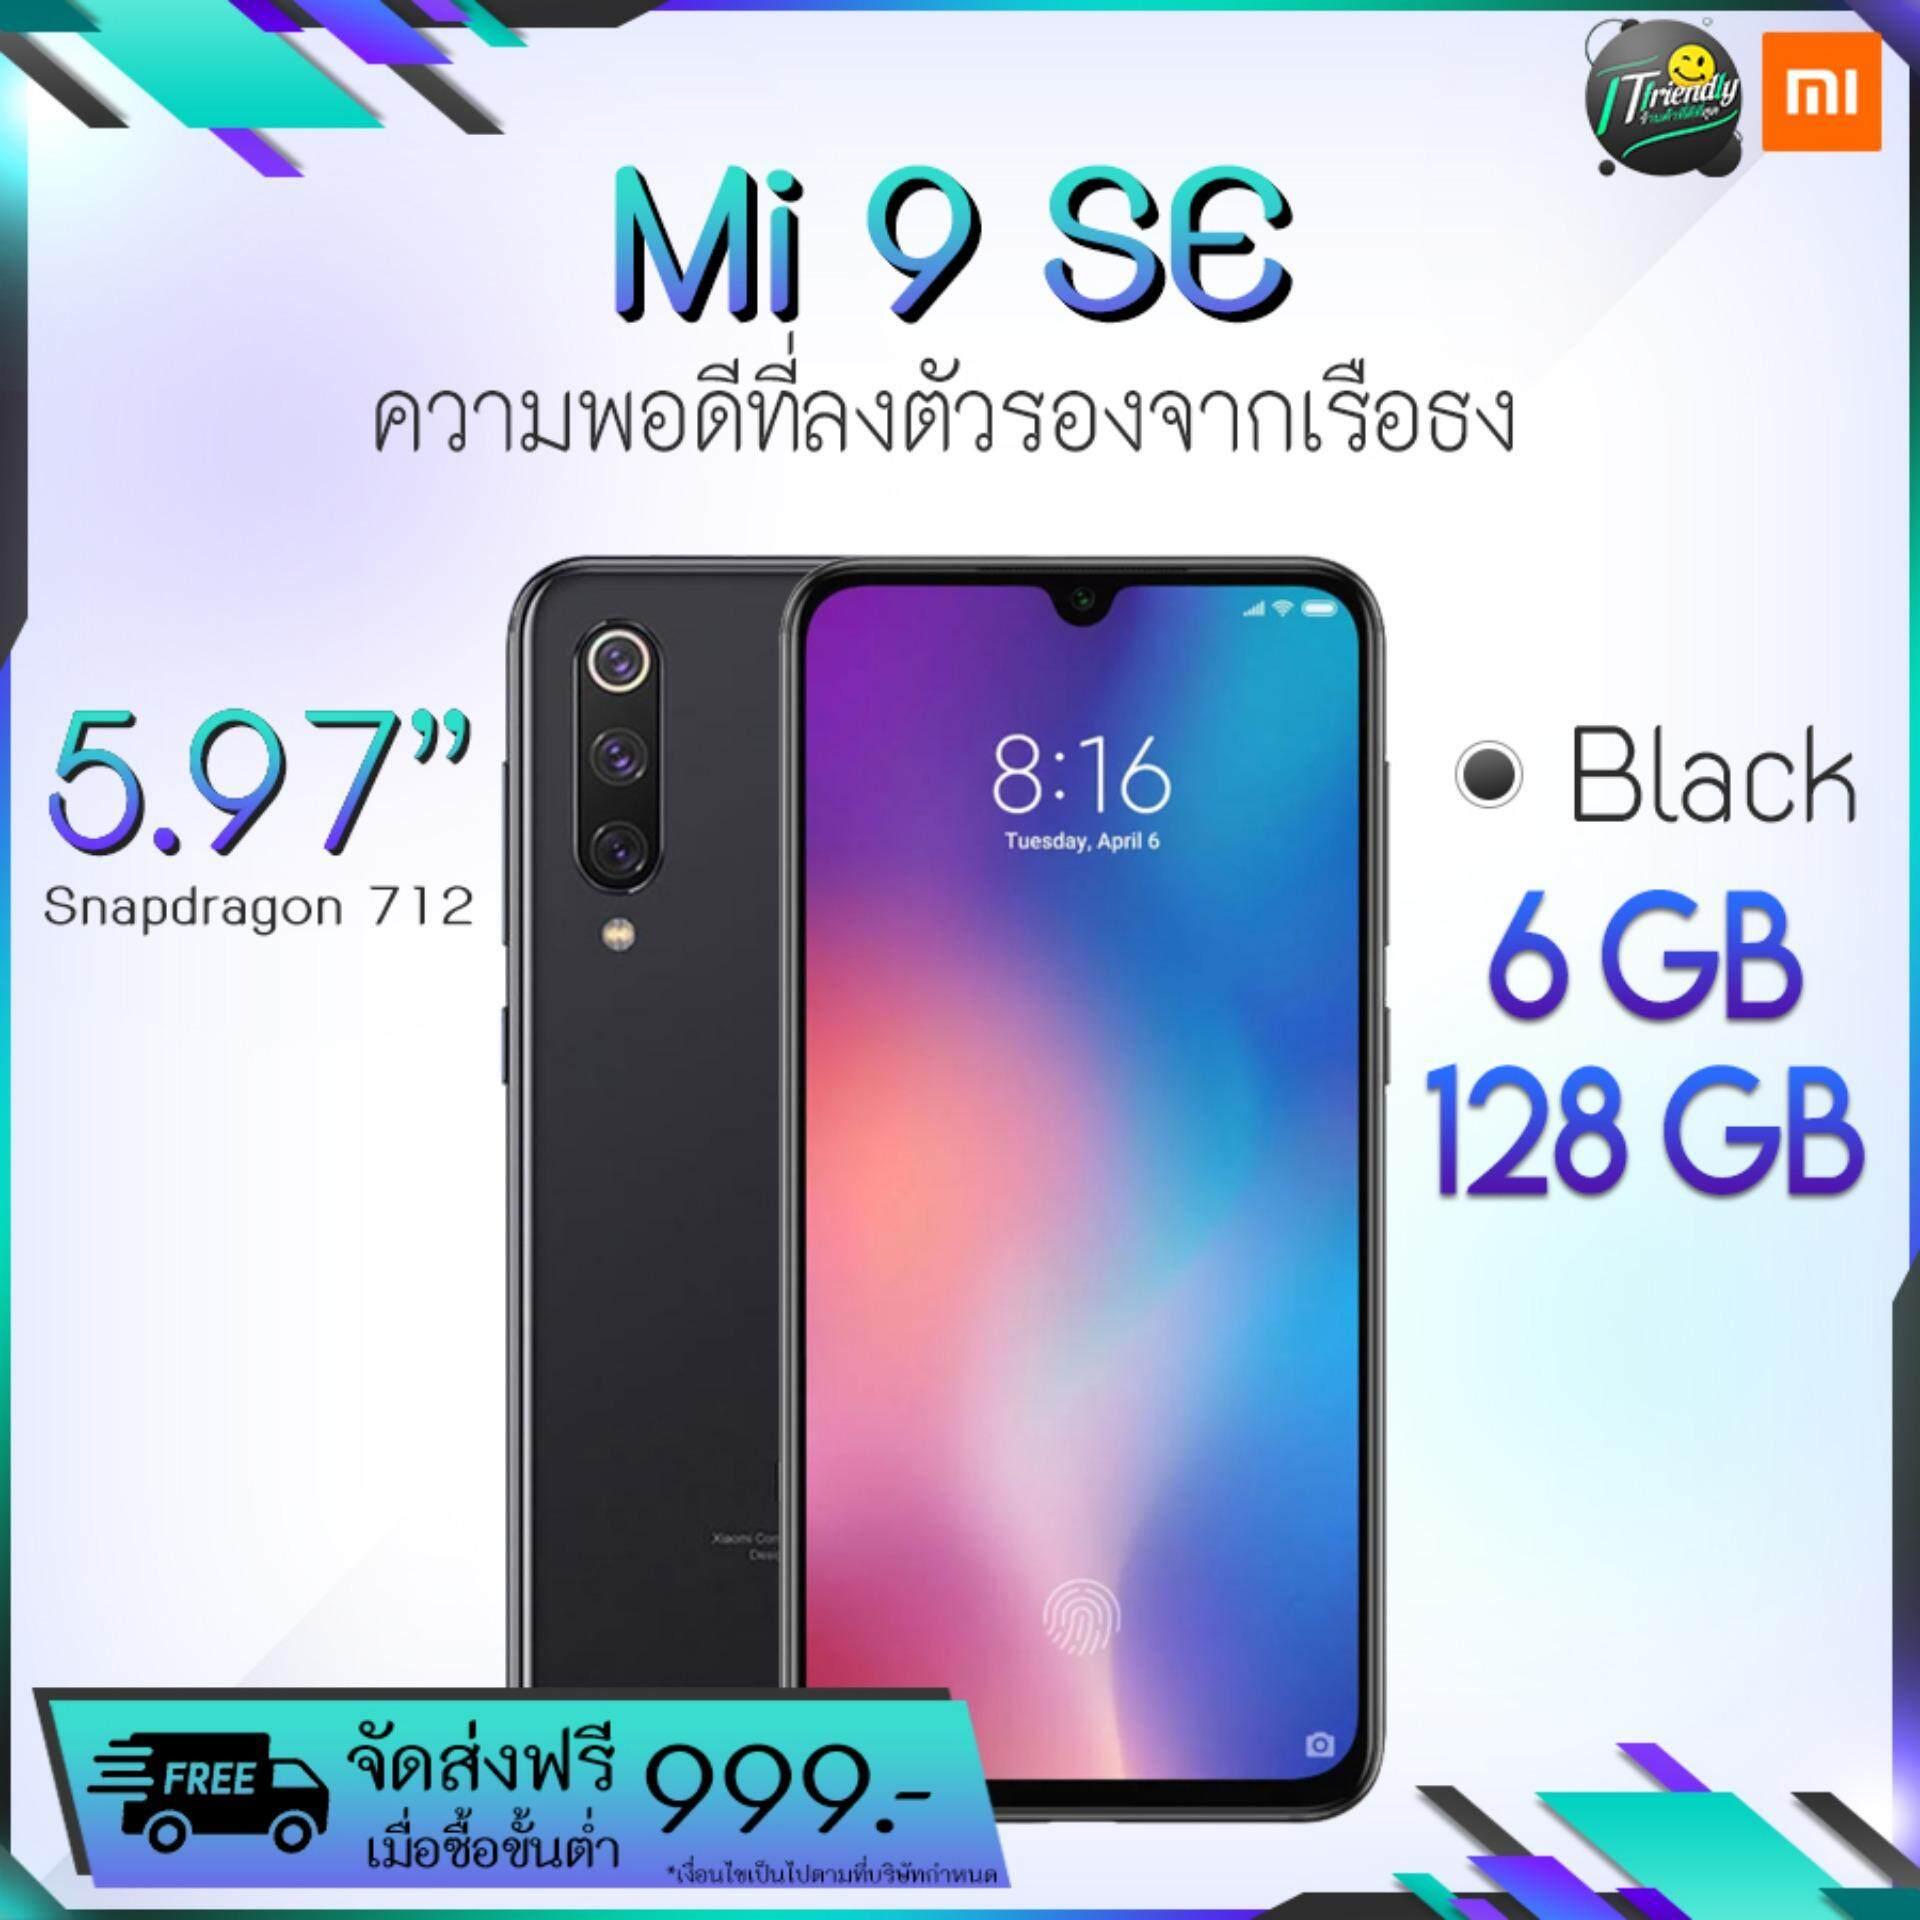 ยี่ห้อนี้ดีไหม  ราชบุรี Xiaomi Mi 9 Se [6/128GB] [Global Version] 5.97